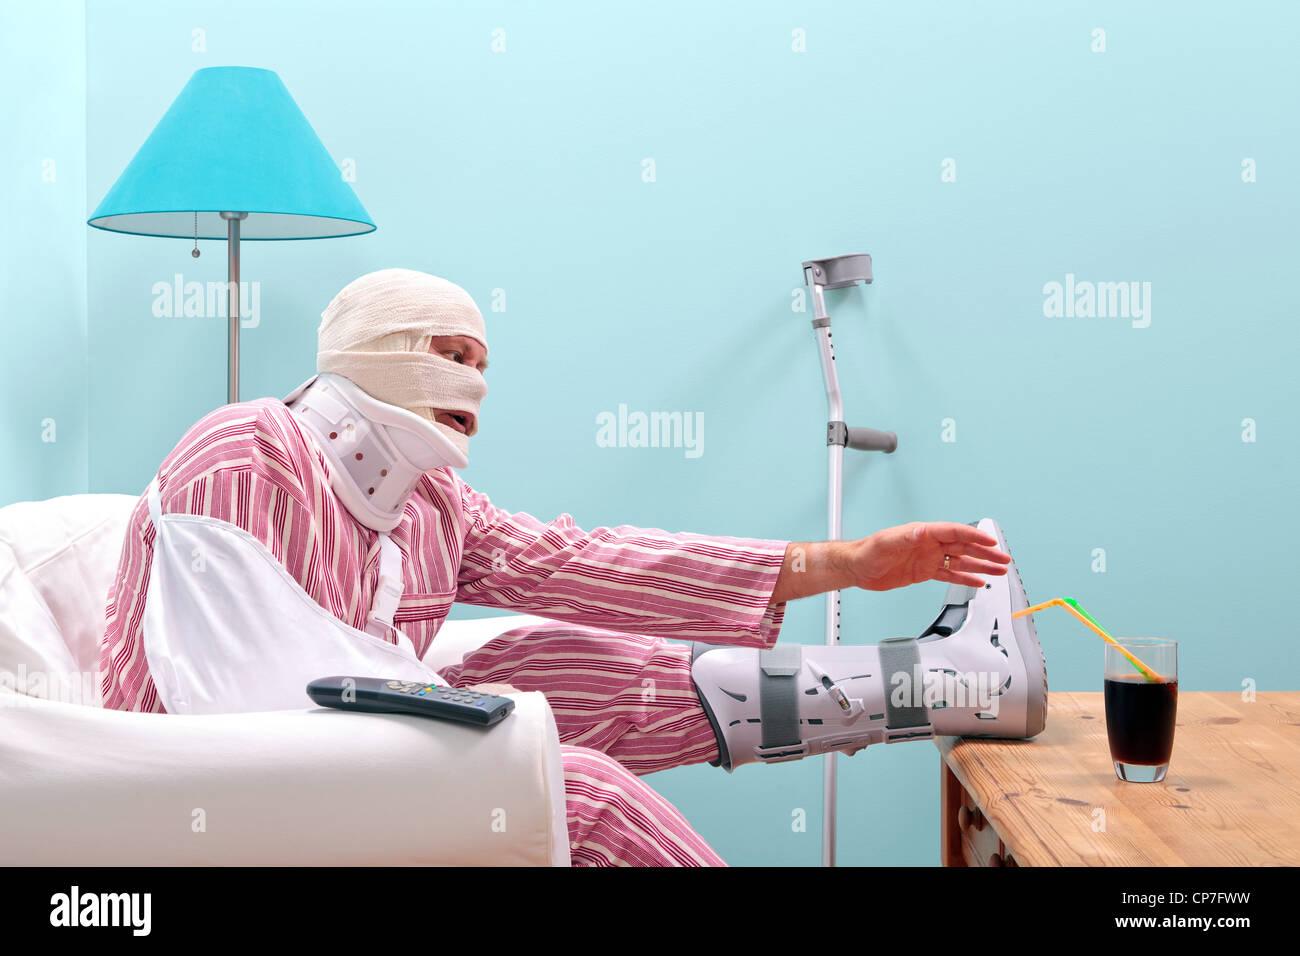 Foto von einem verletzten Mann im Pyjama mit bandagiertem Kopf, Gipsbein, Arm Schlinge und Hals Korsett Stockbild